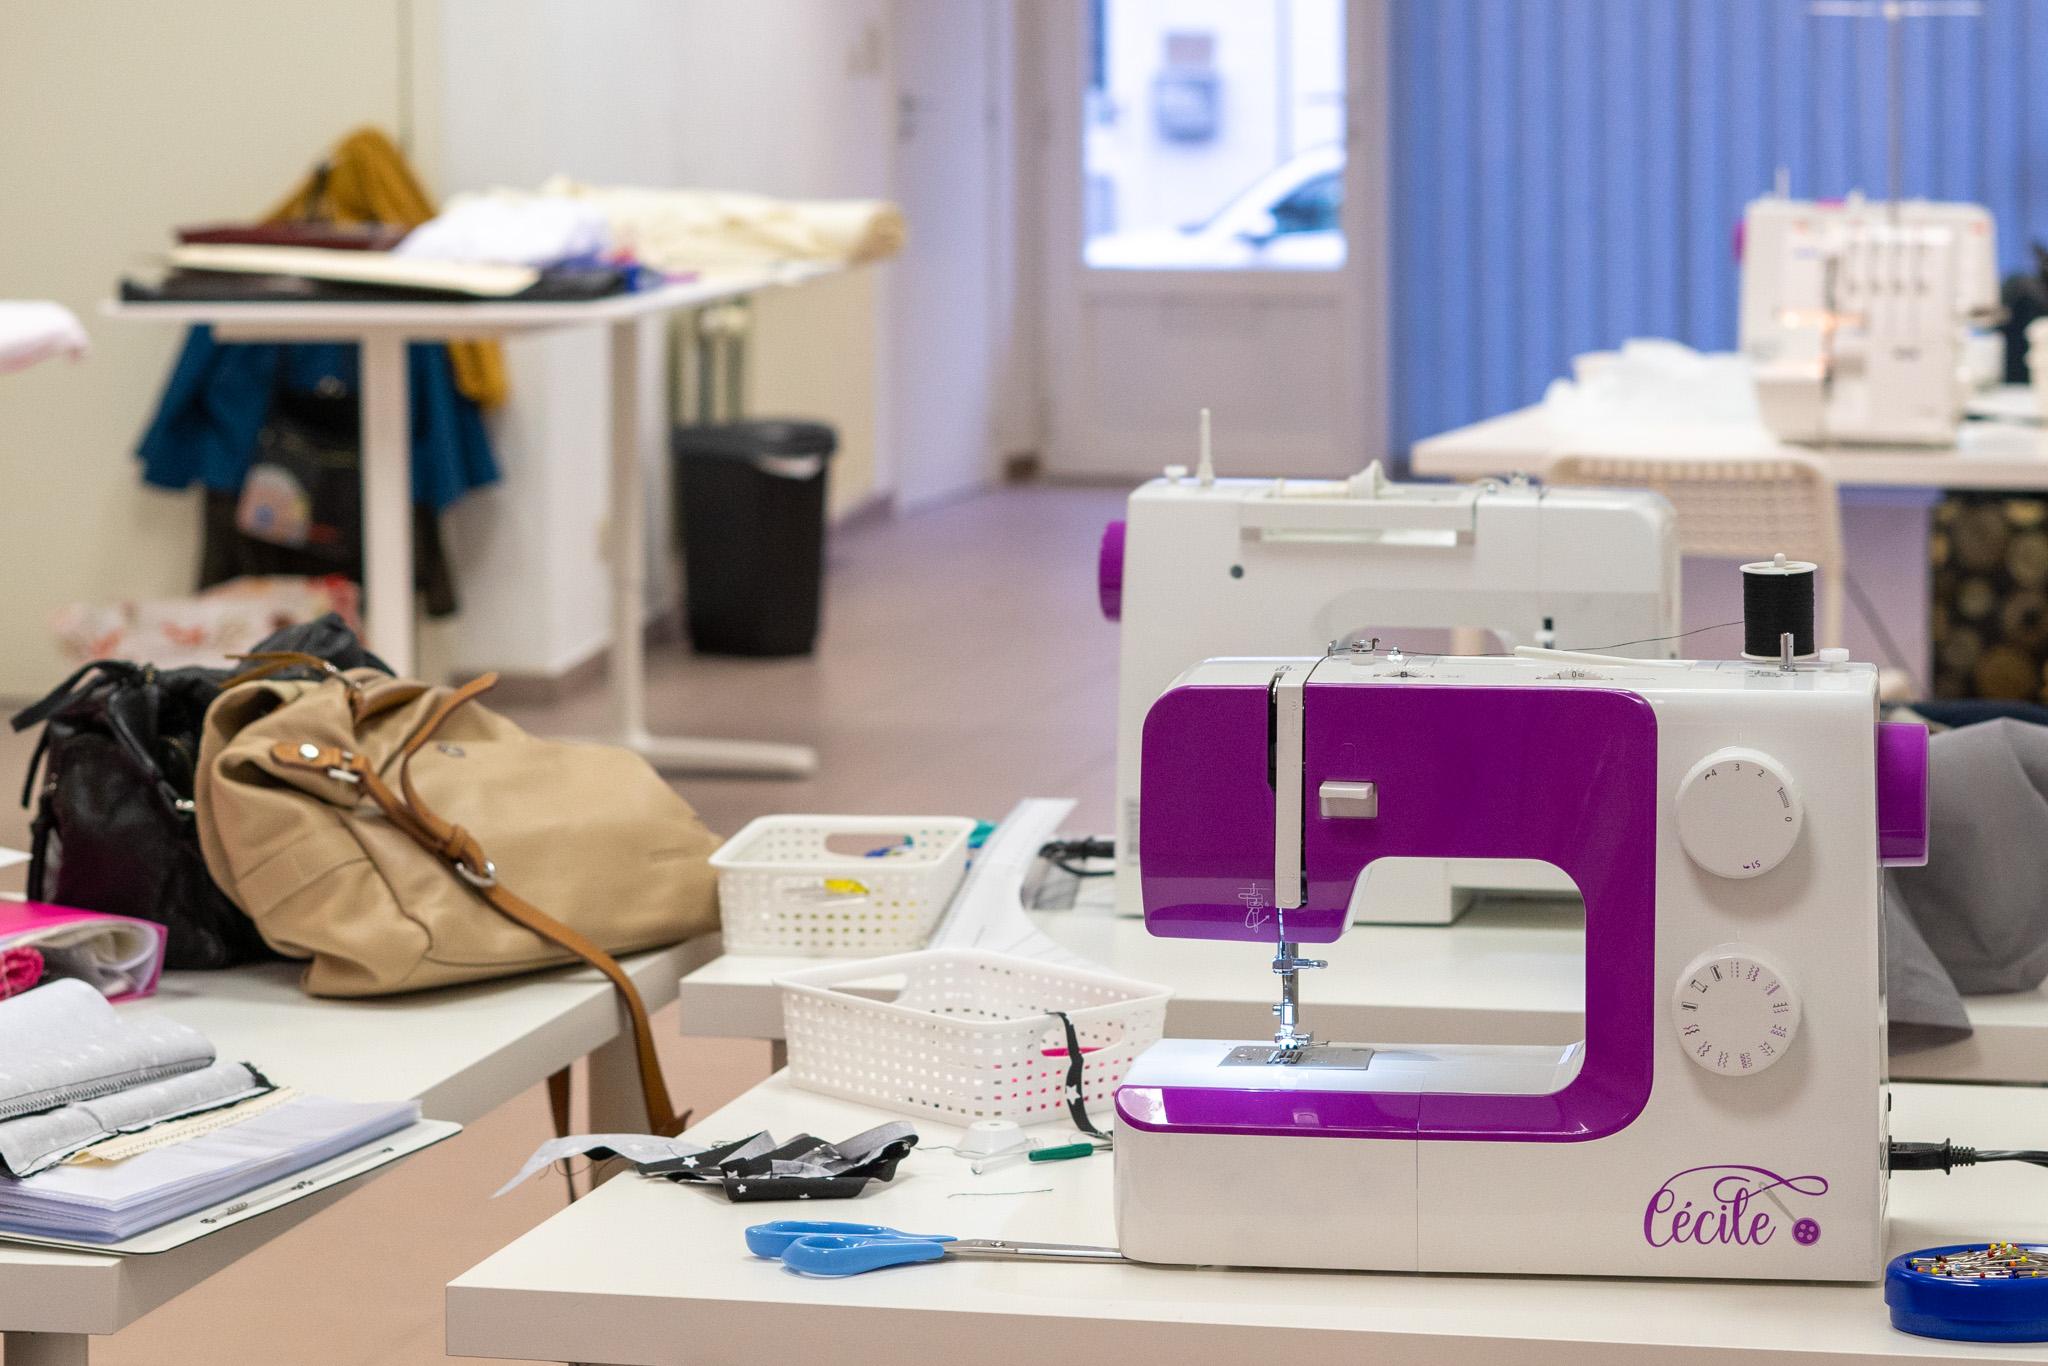 la machine à coudre Cécile dans l'atelier de cours de couture